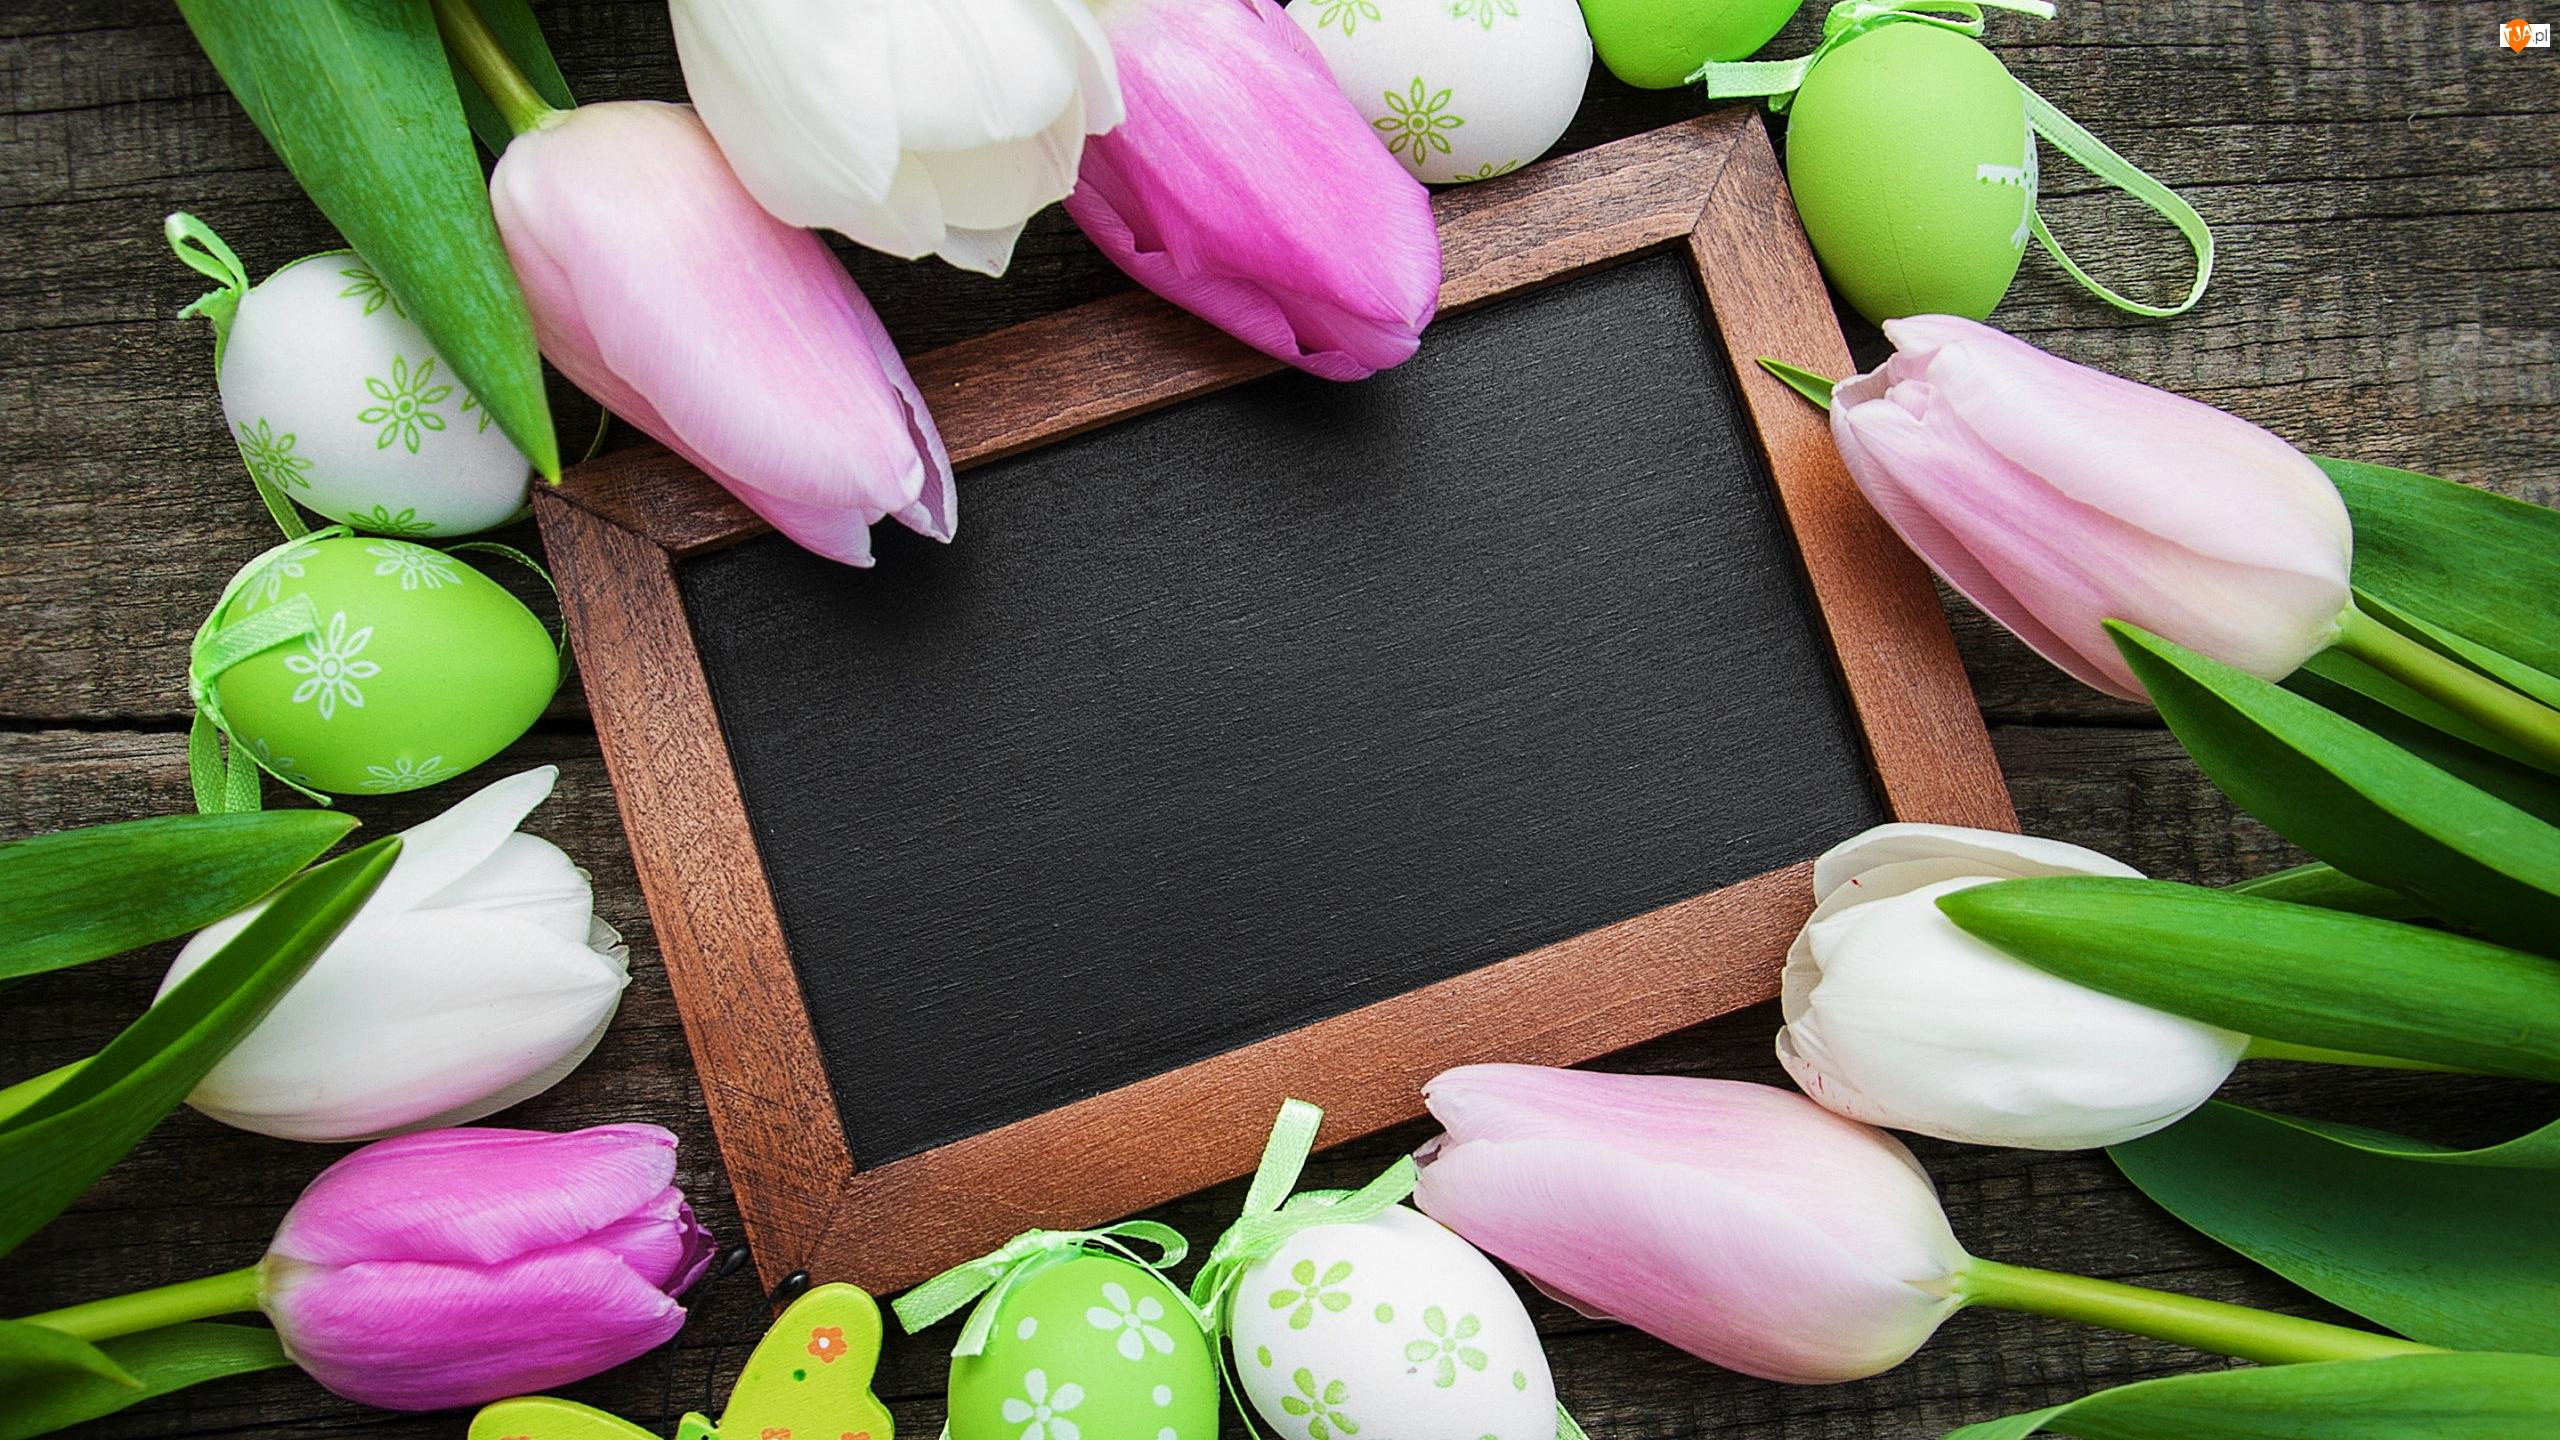 Ramka, Wielkanoc, Pisanki, Tulipany, Deski